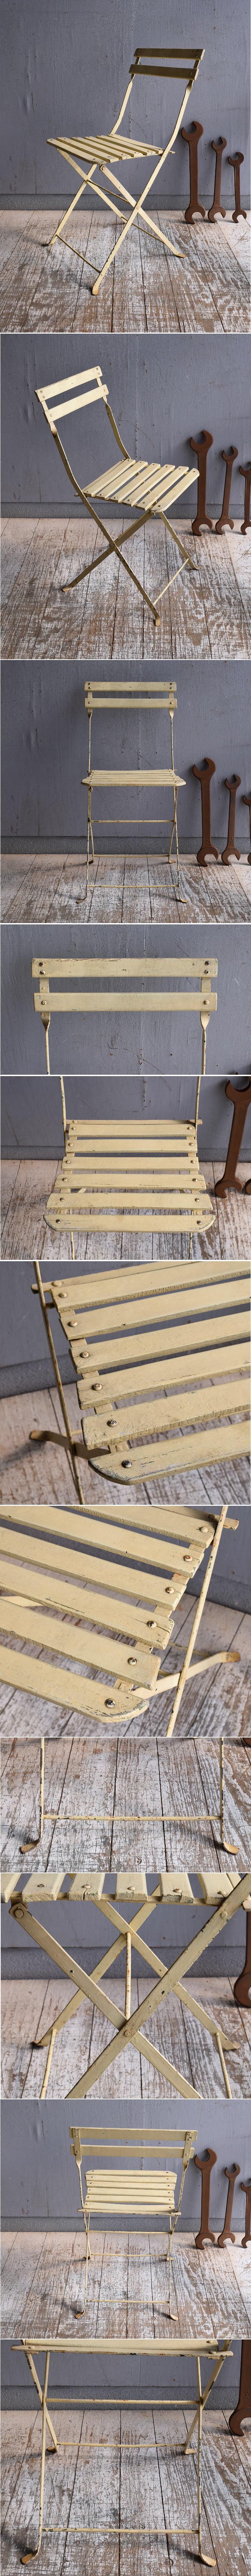 フレンチ アンティーク フォールディング ガーデンチェア 椅子 9482